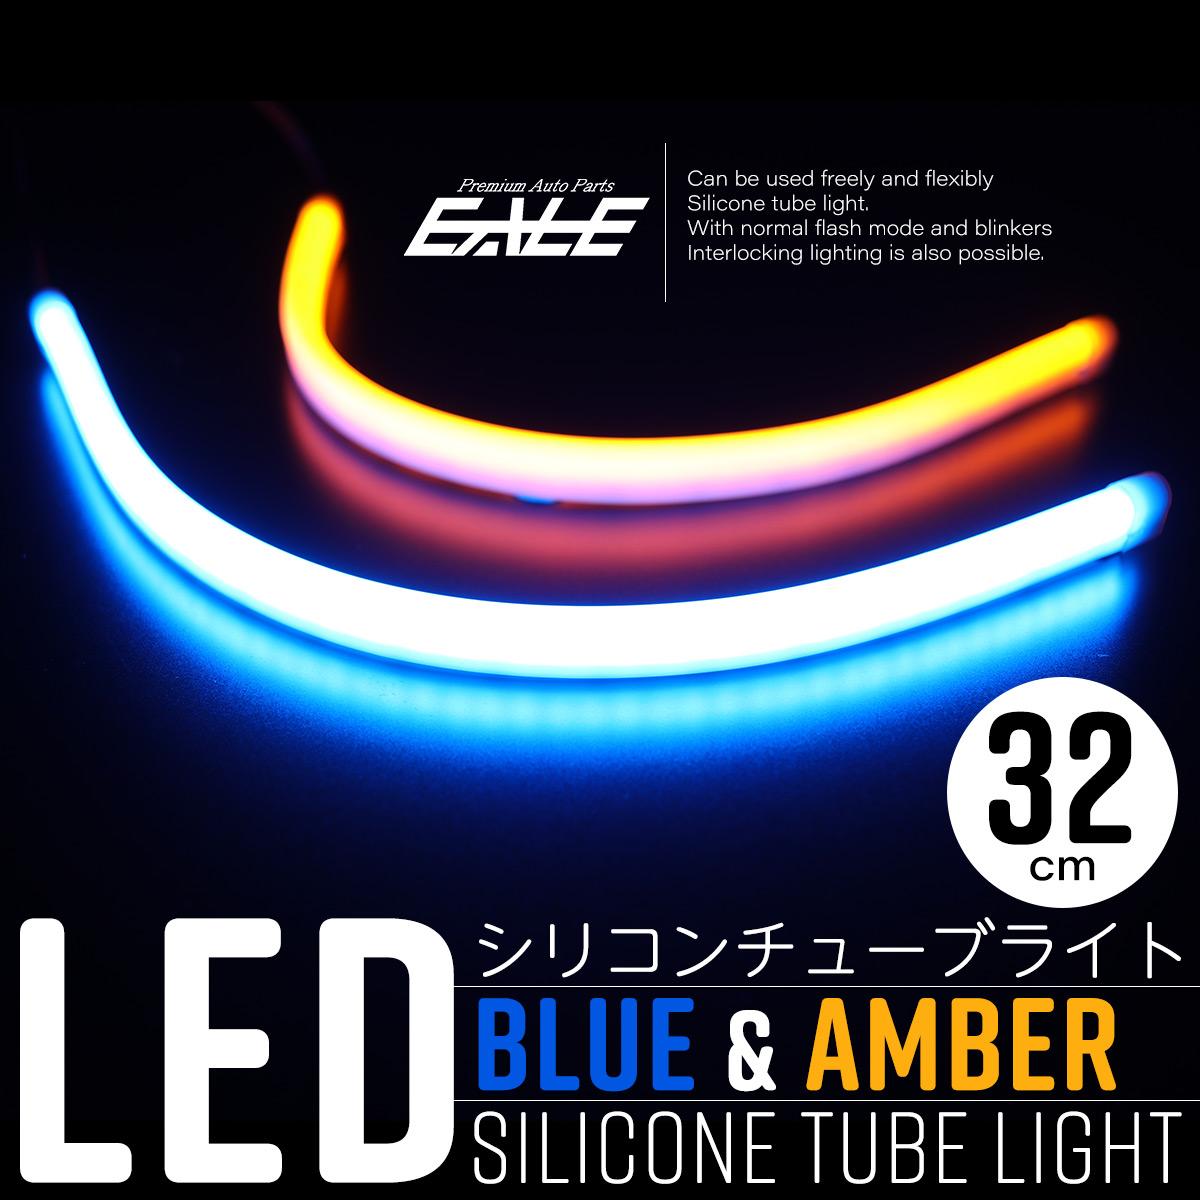 【ネコポス可】 LED シリコン チューブ ライト ウインカー連動機能付 32cm ブルー&アンバー発光 DC12V 2本セット P-556